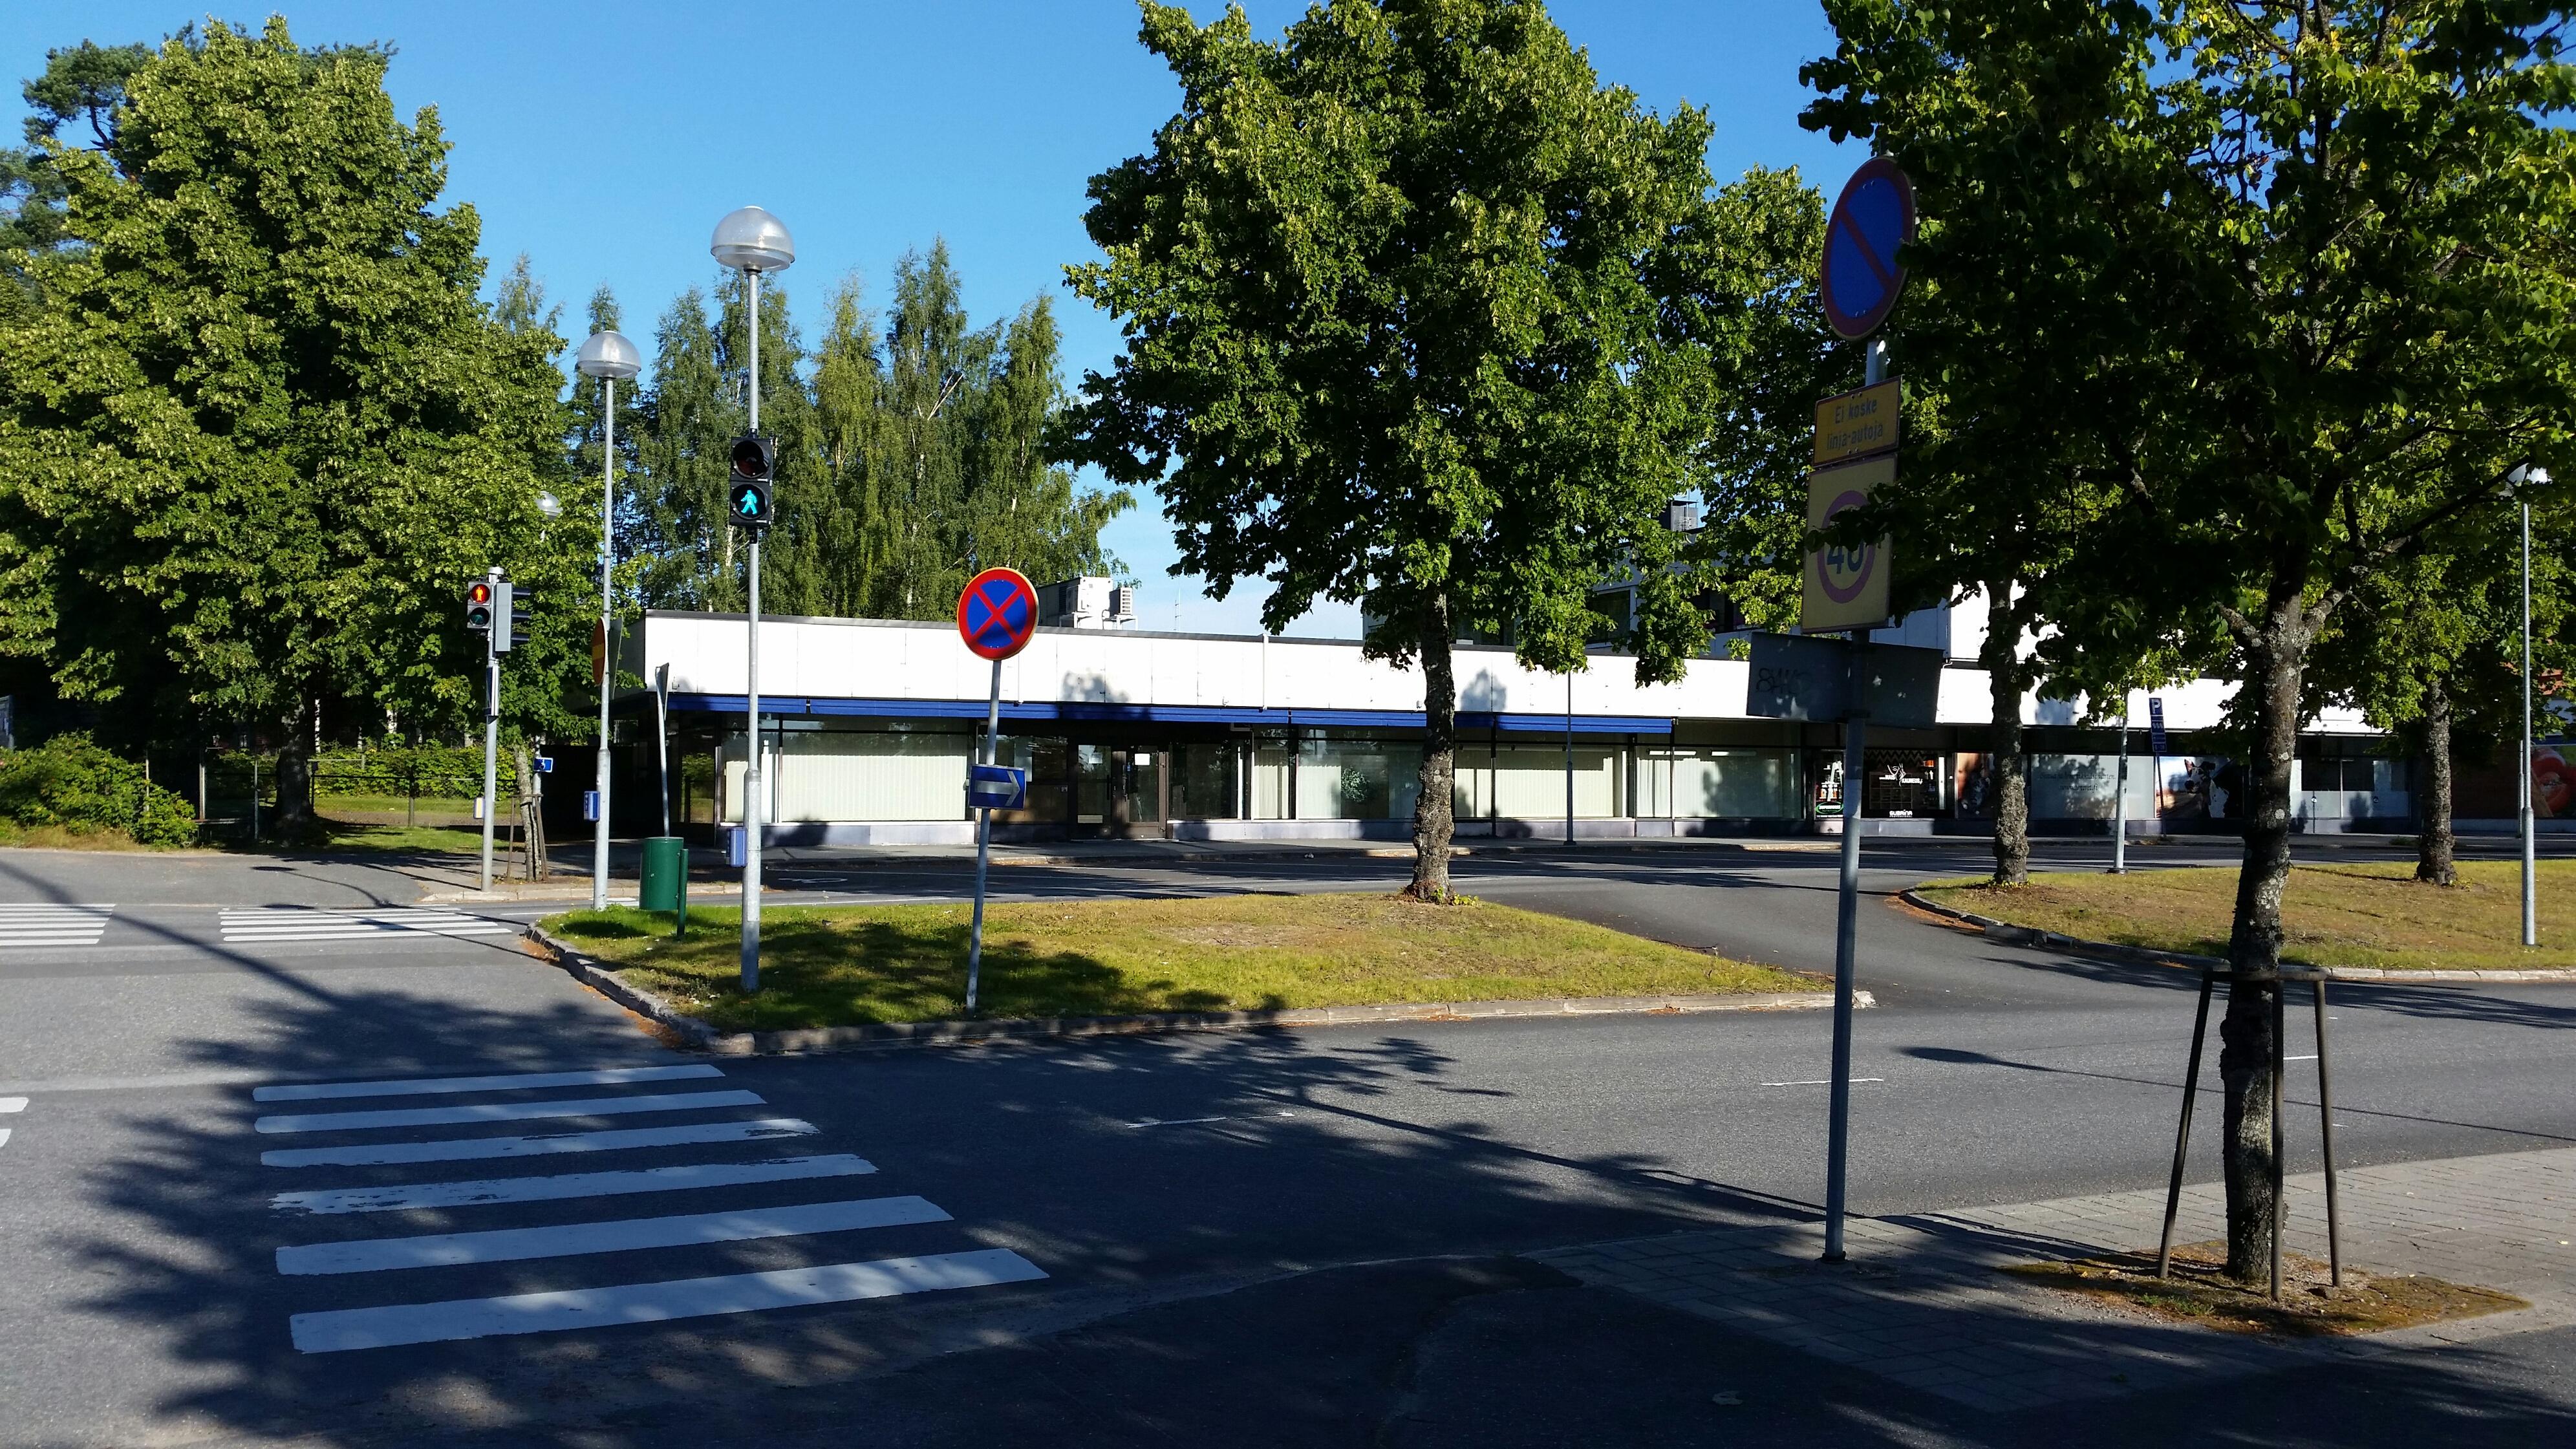 Toimitila, Vesmannintie 6, Vaajakoski, Jyväskylä